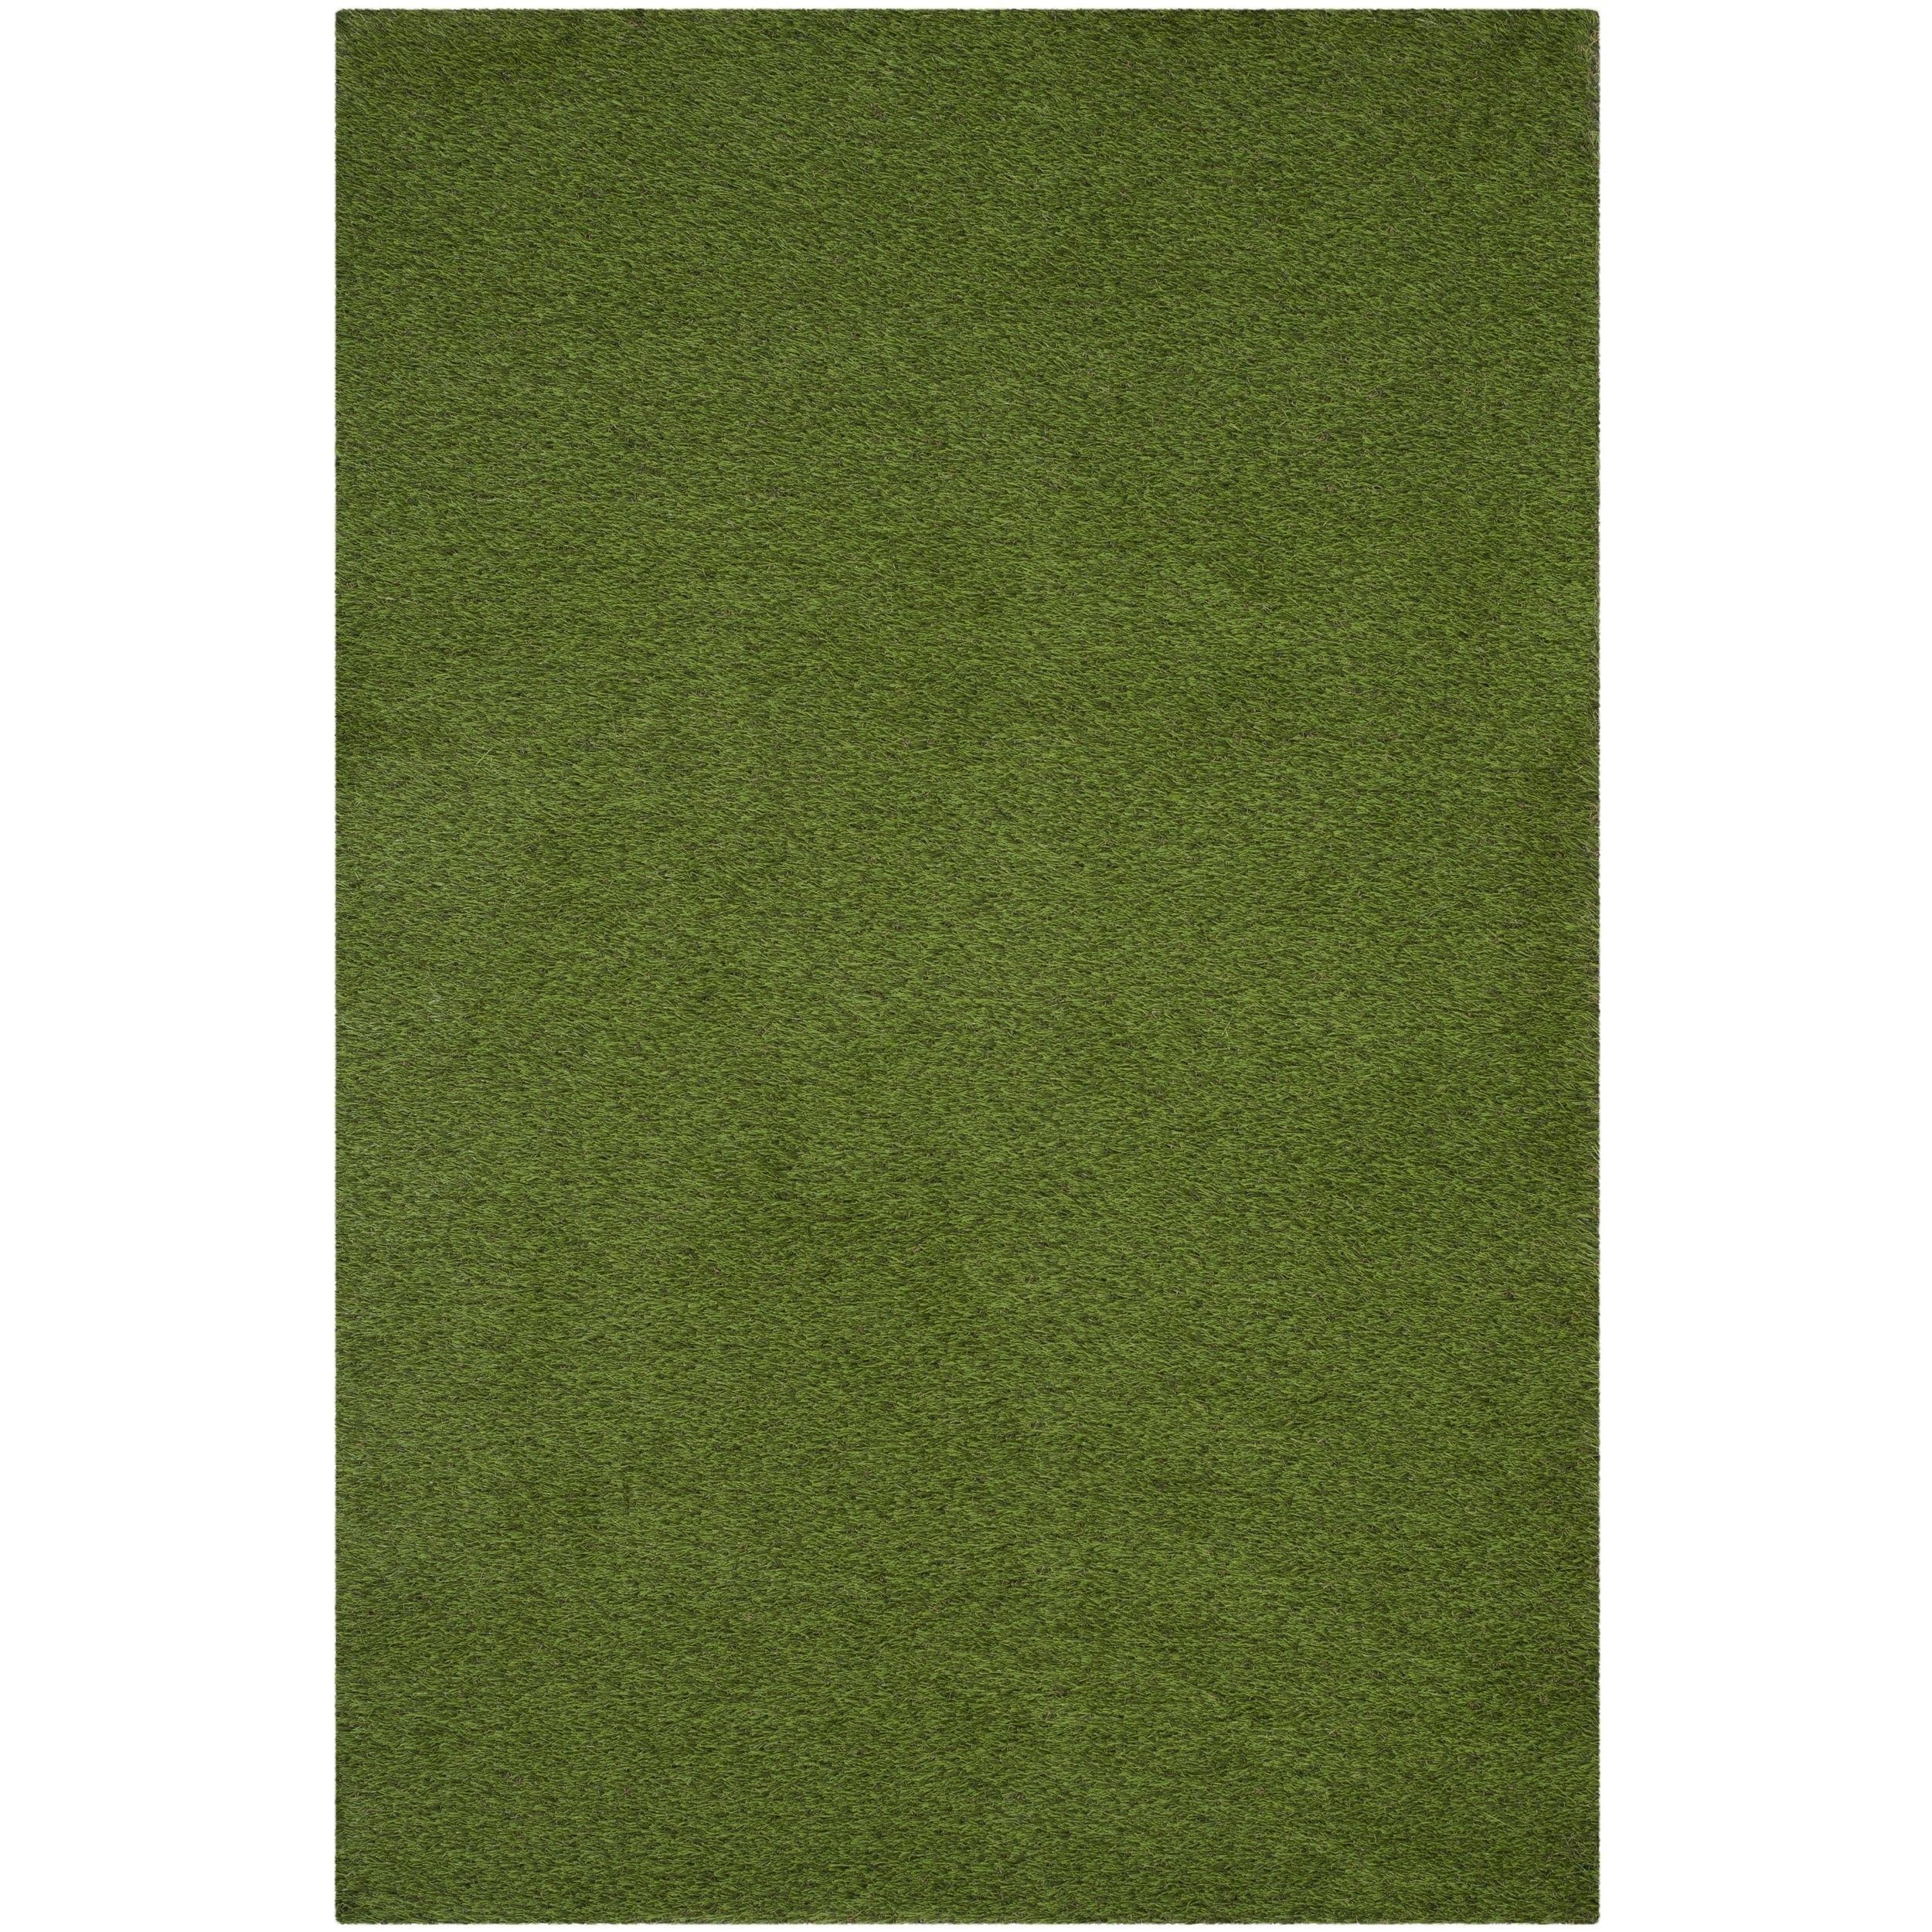 Safavieh Vista Shag Verdant Green Indoor Outdoor Rug 8 X 10